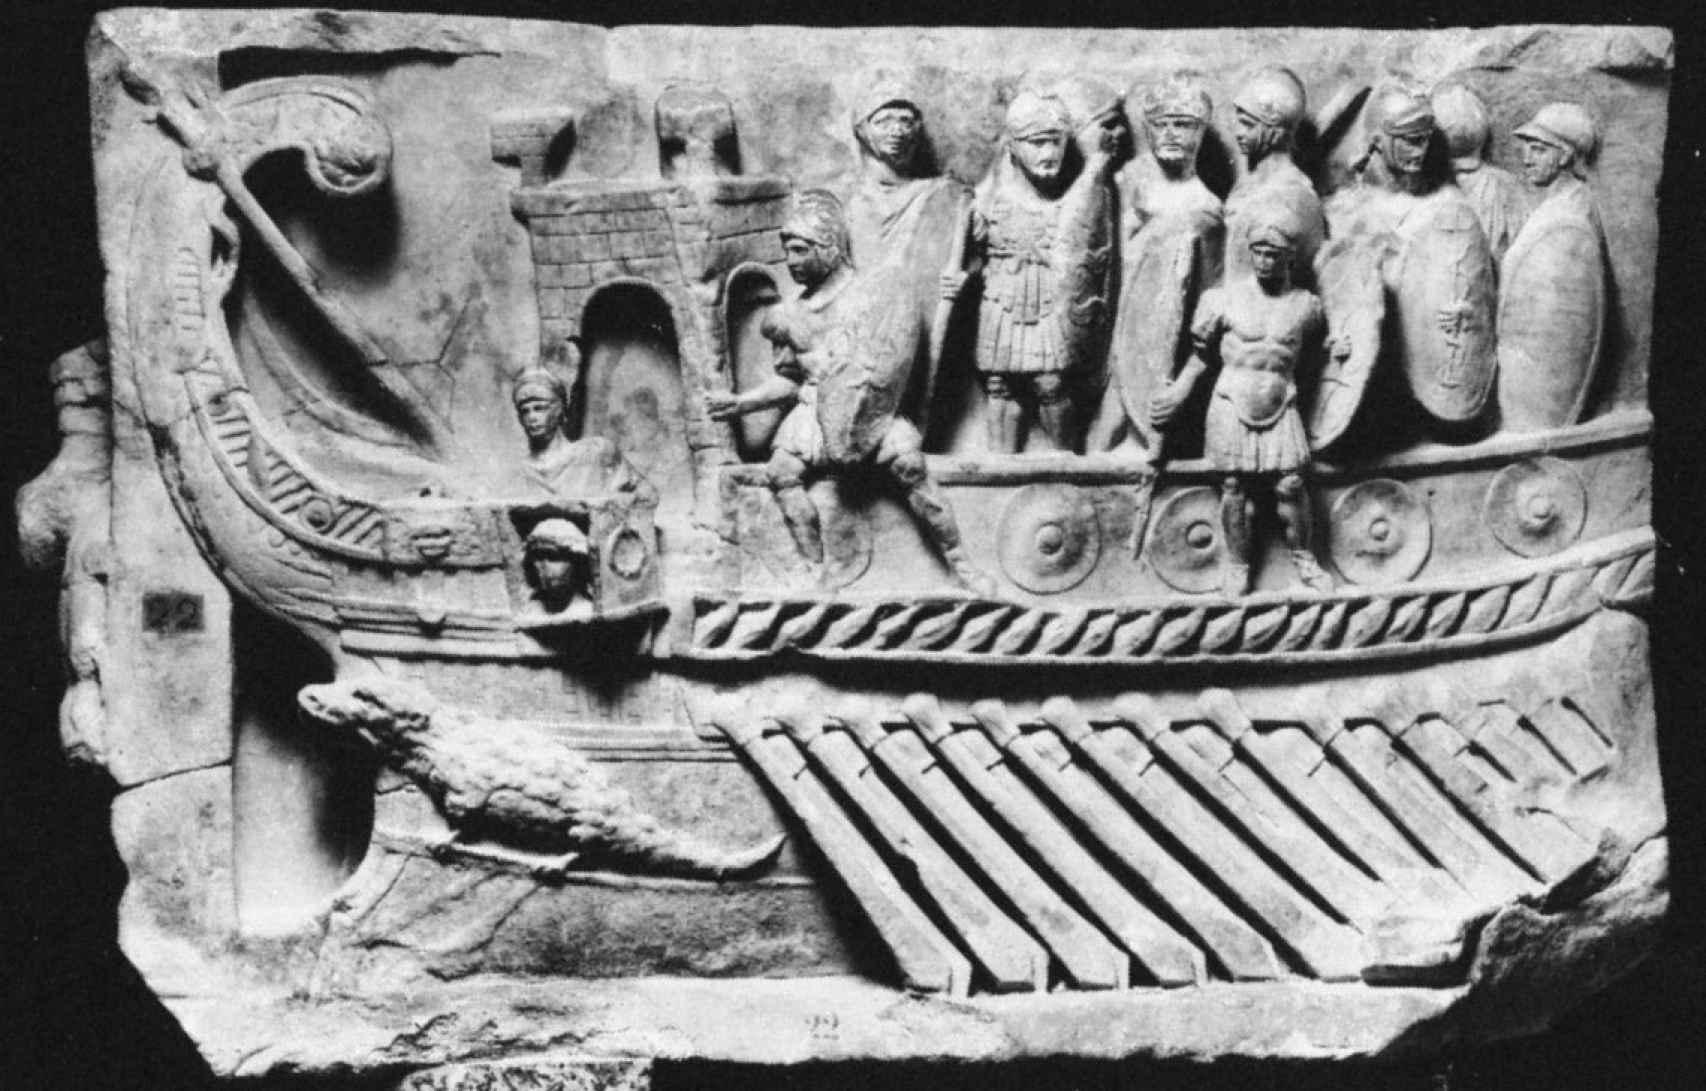 Infantería romana a bordo de un barco.